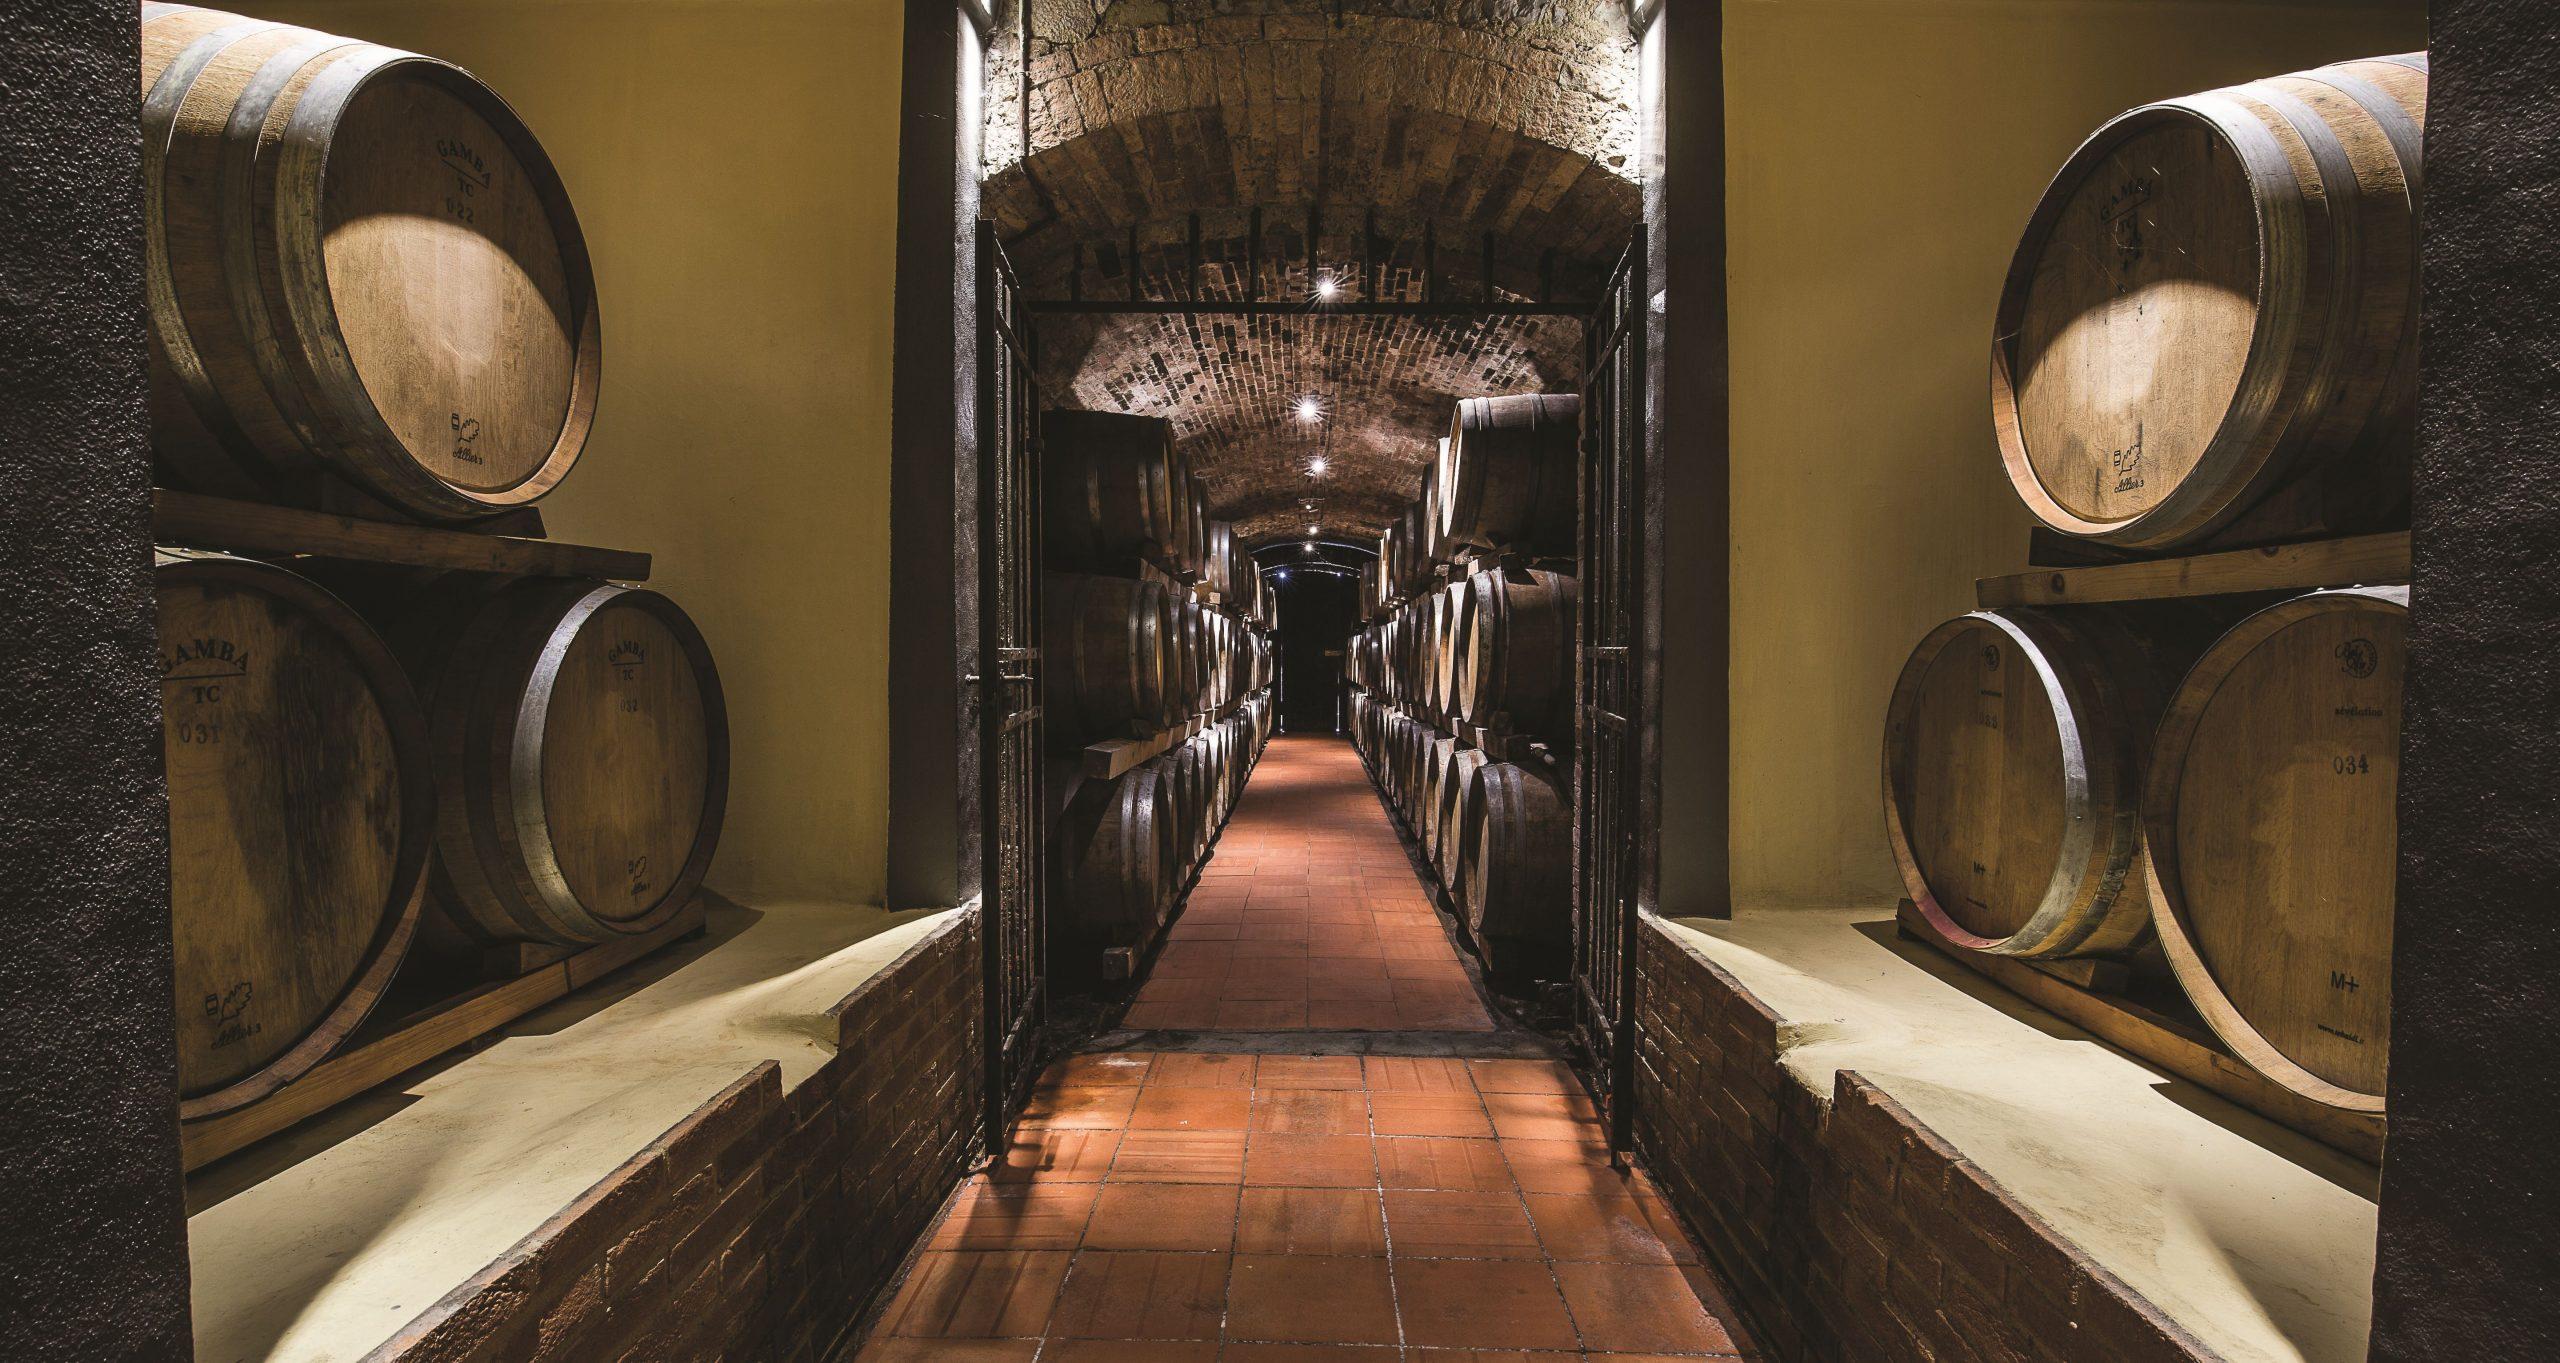 Migliori vini italiani: Cantine Piccini tra le 100 Eccellenze Italiane di Forbes